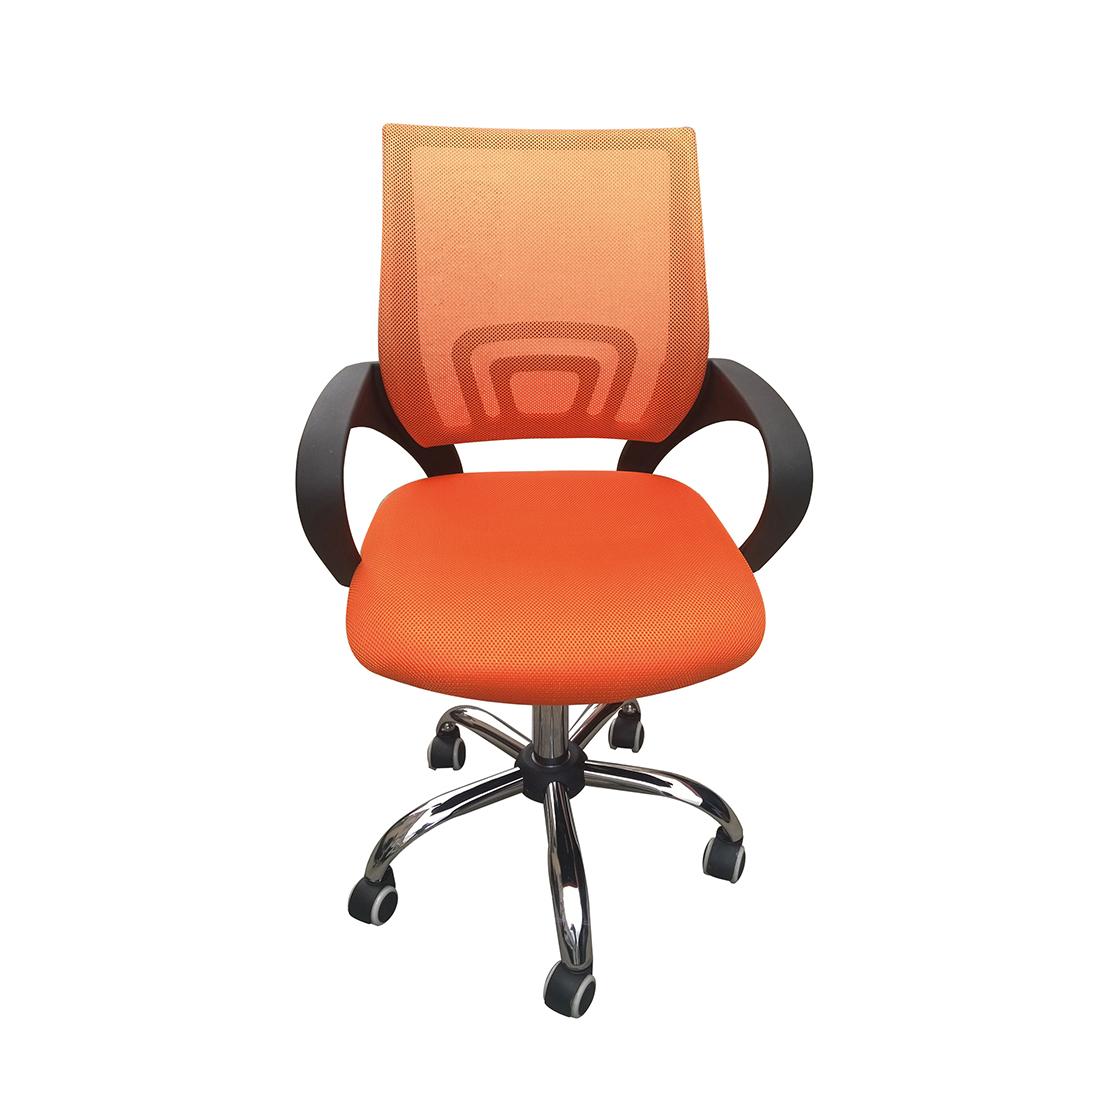 Eastner Mesh Back Office Chair Orange